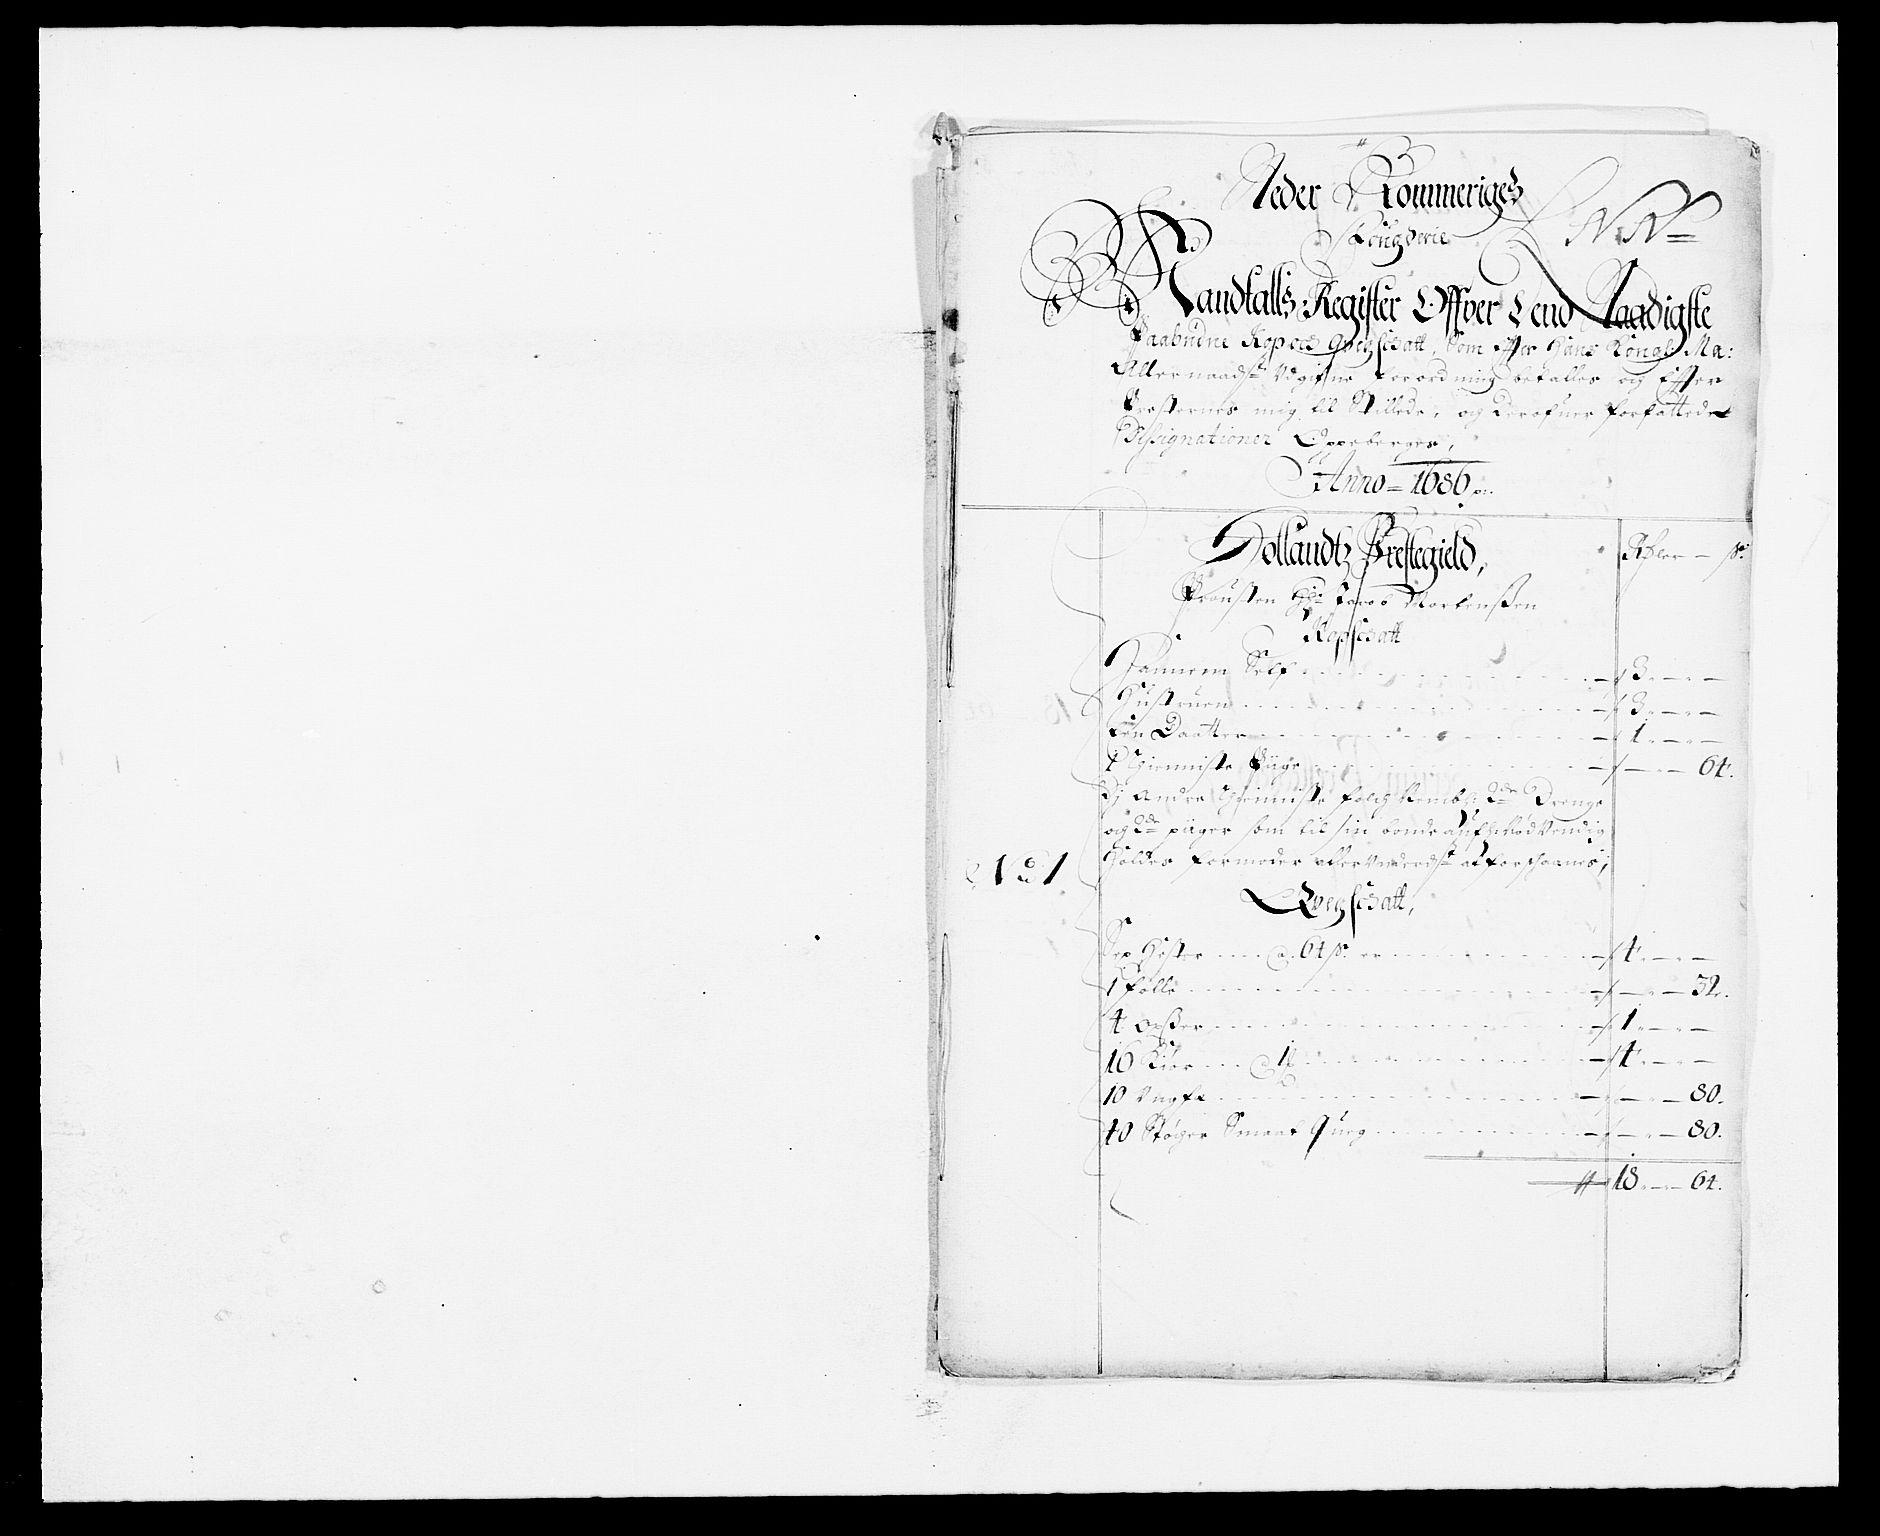 RA, Rentekammeret inntil 1814, Reviderte regnskaper, Fogderegnskap, R11/L0572: Fogderegnskap Nedre Romerike, 1686-1687, s. 149